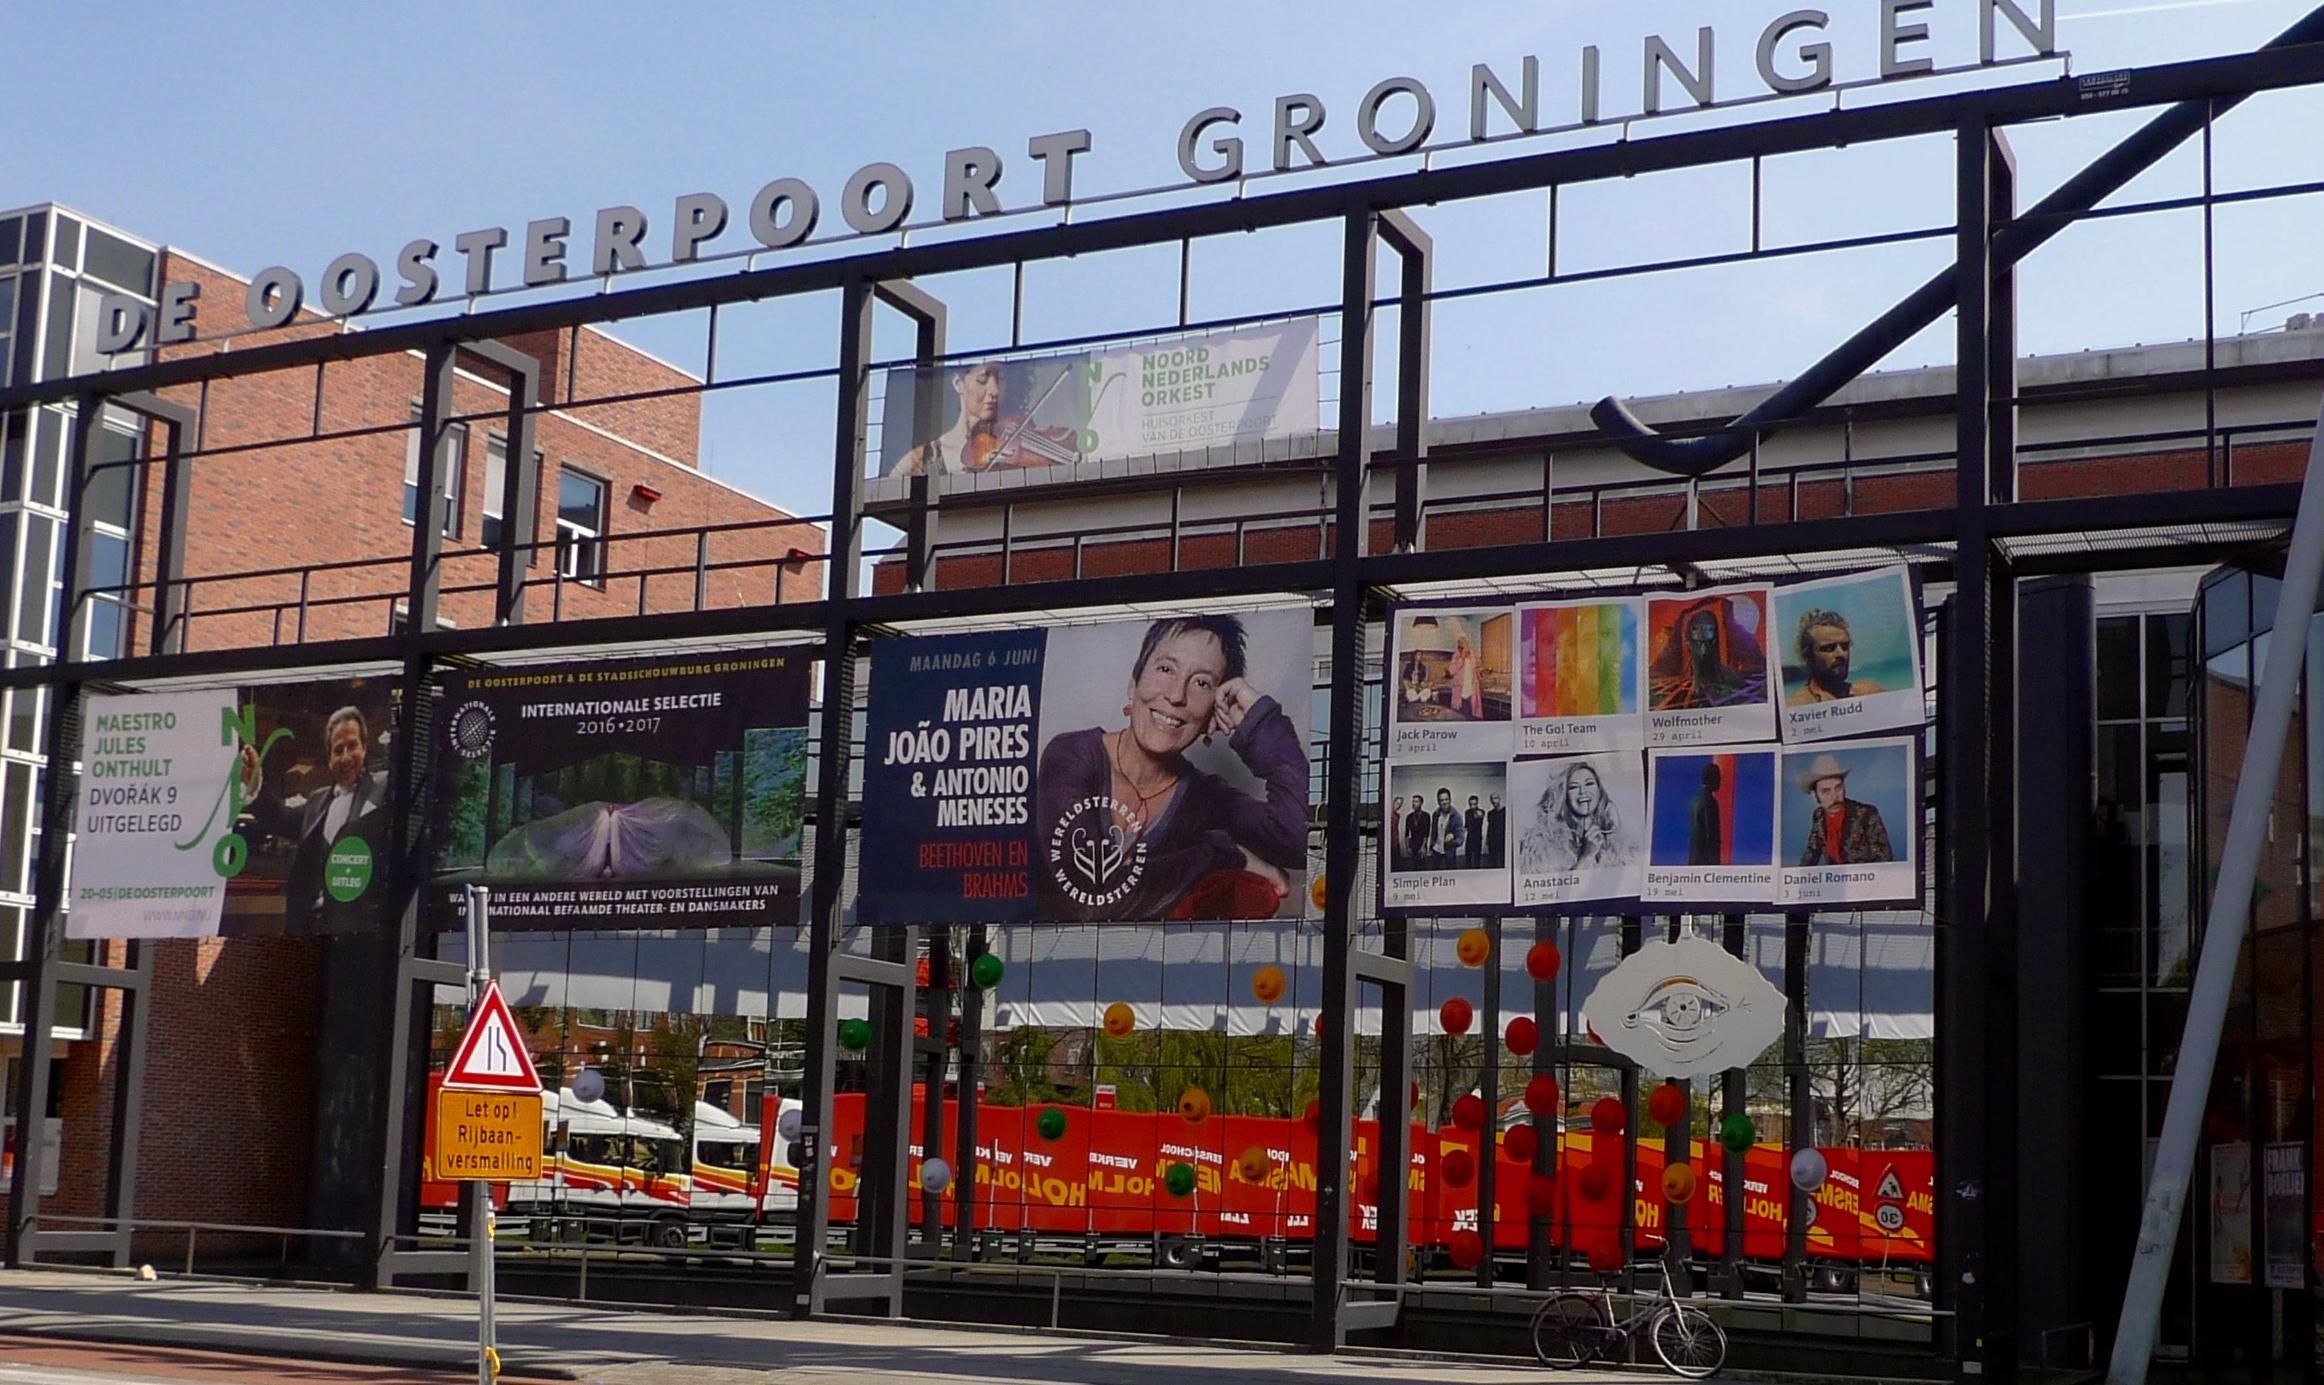 WP2011 oosterpoort-entree